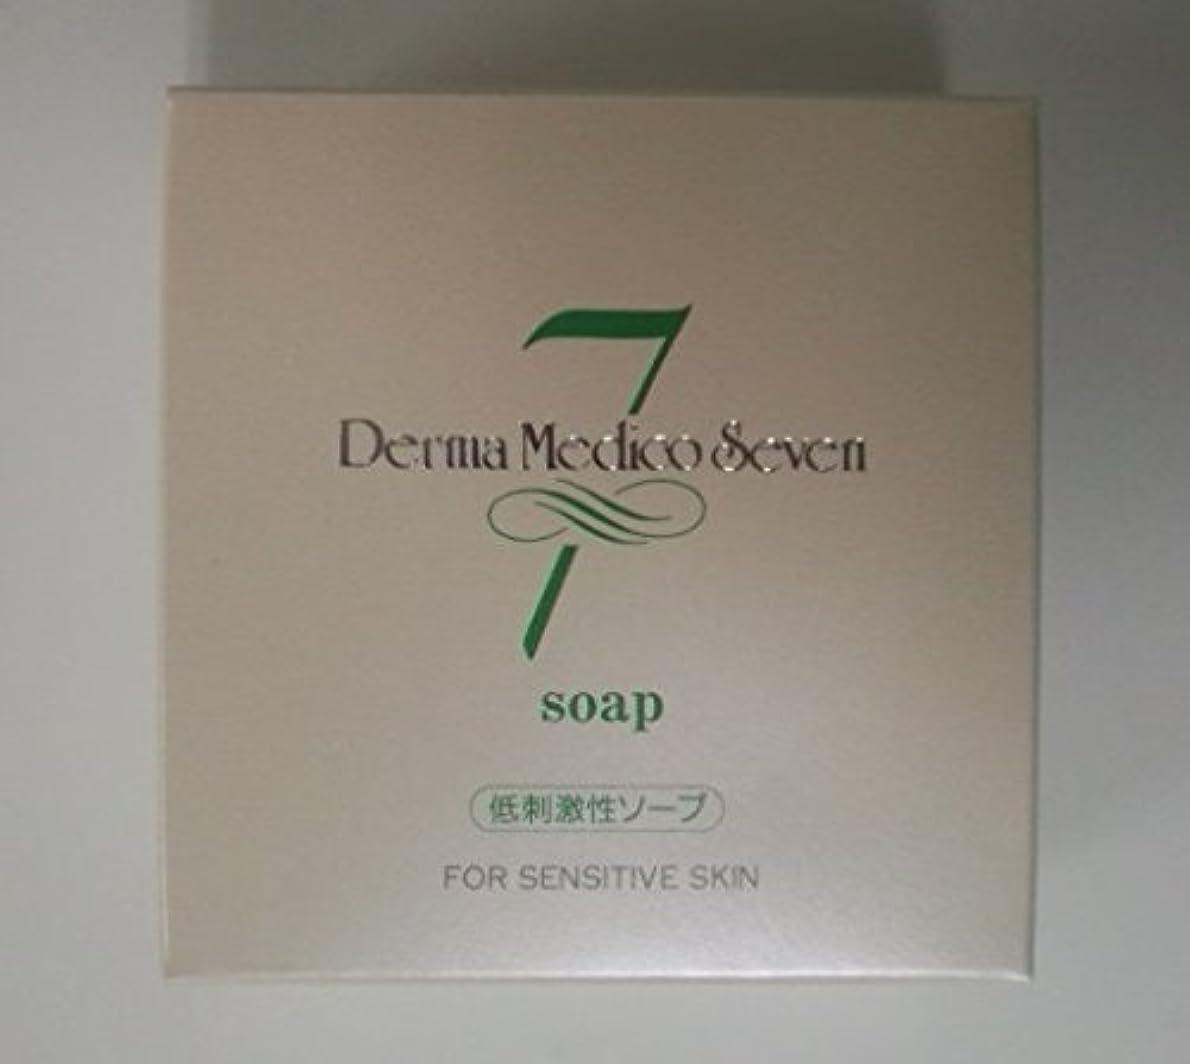 ダーマメディコセブン ソープ